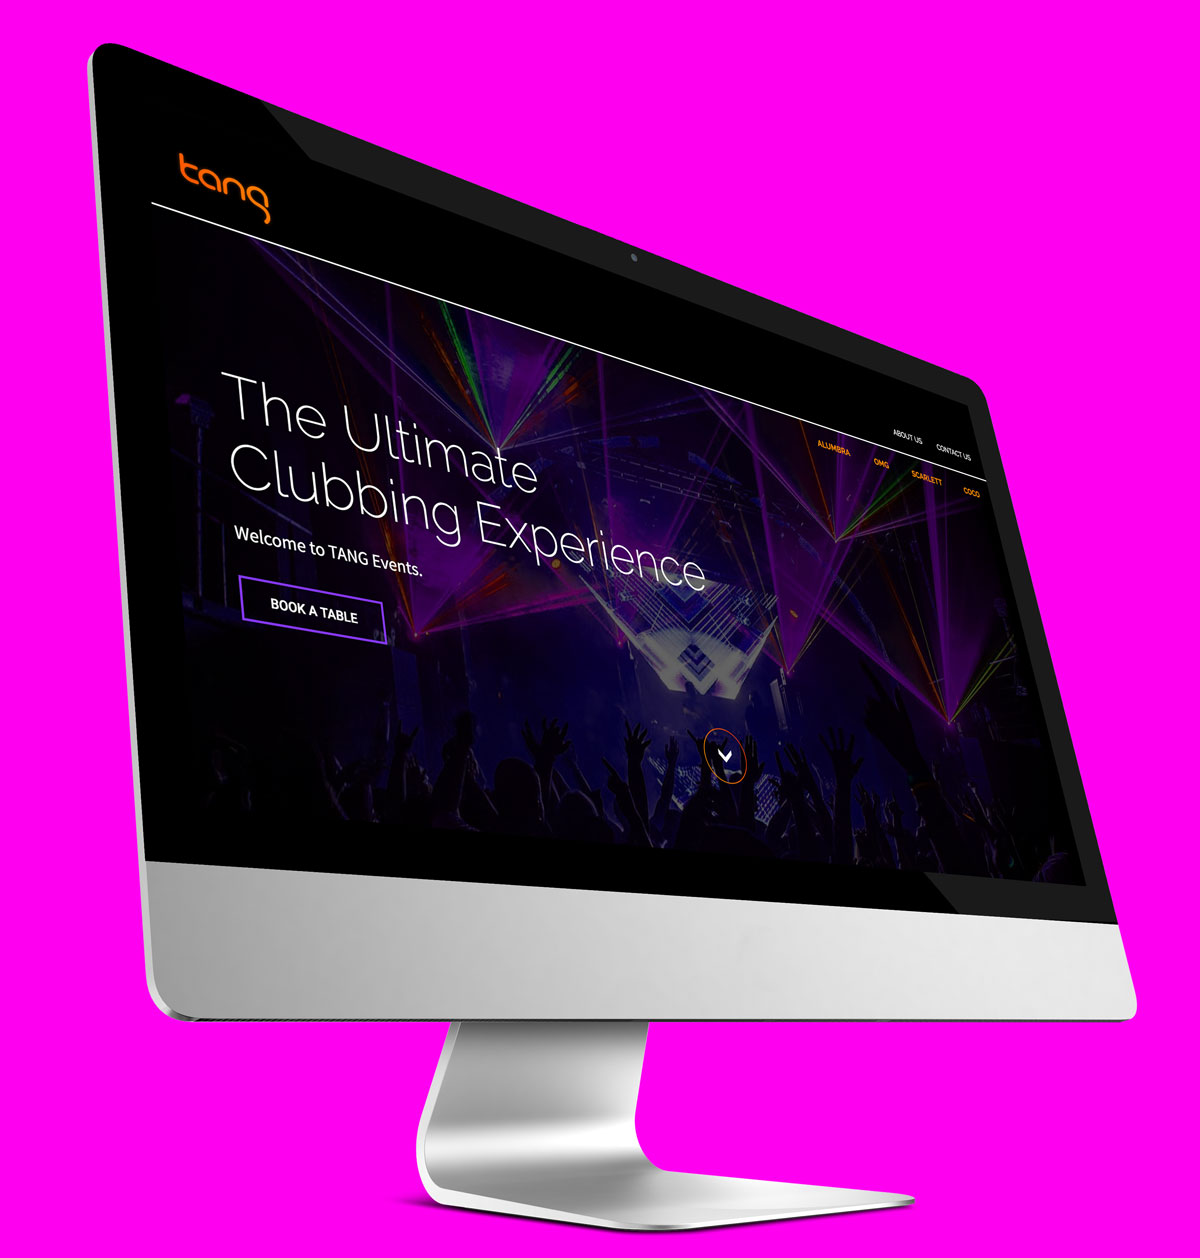 Tang Events Website - East Digital Sydney